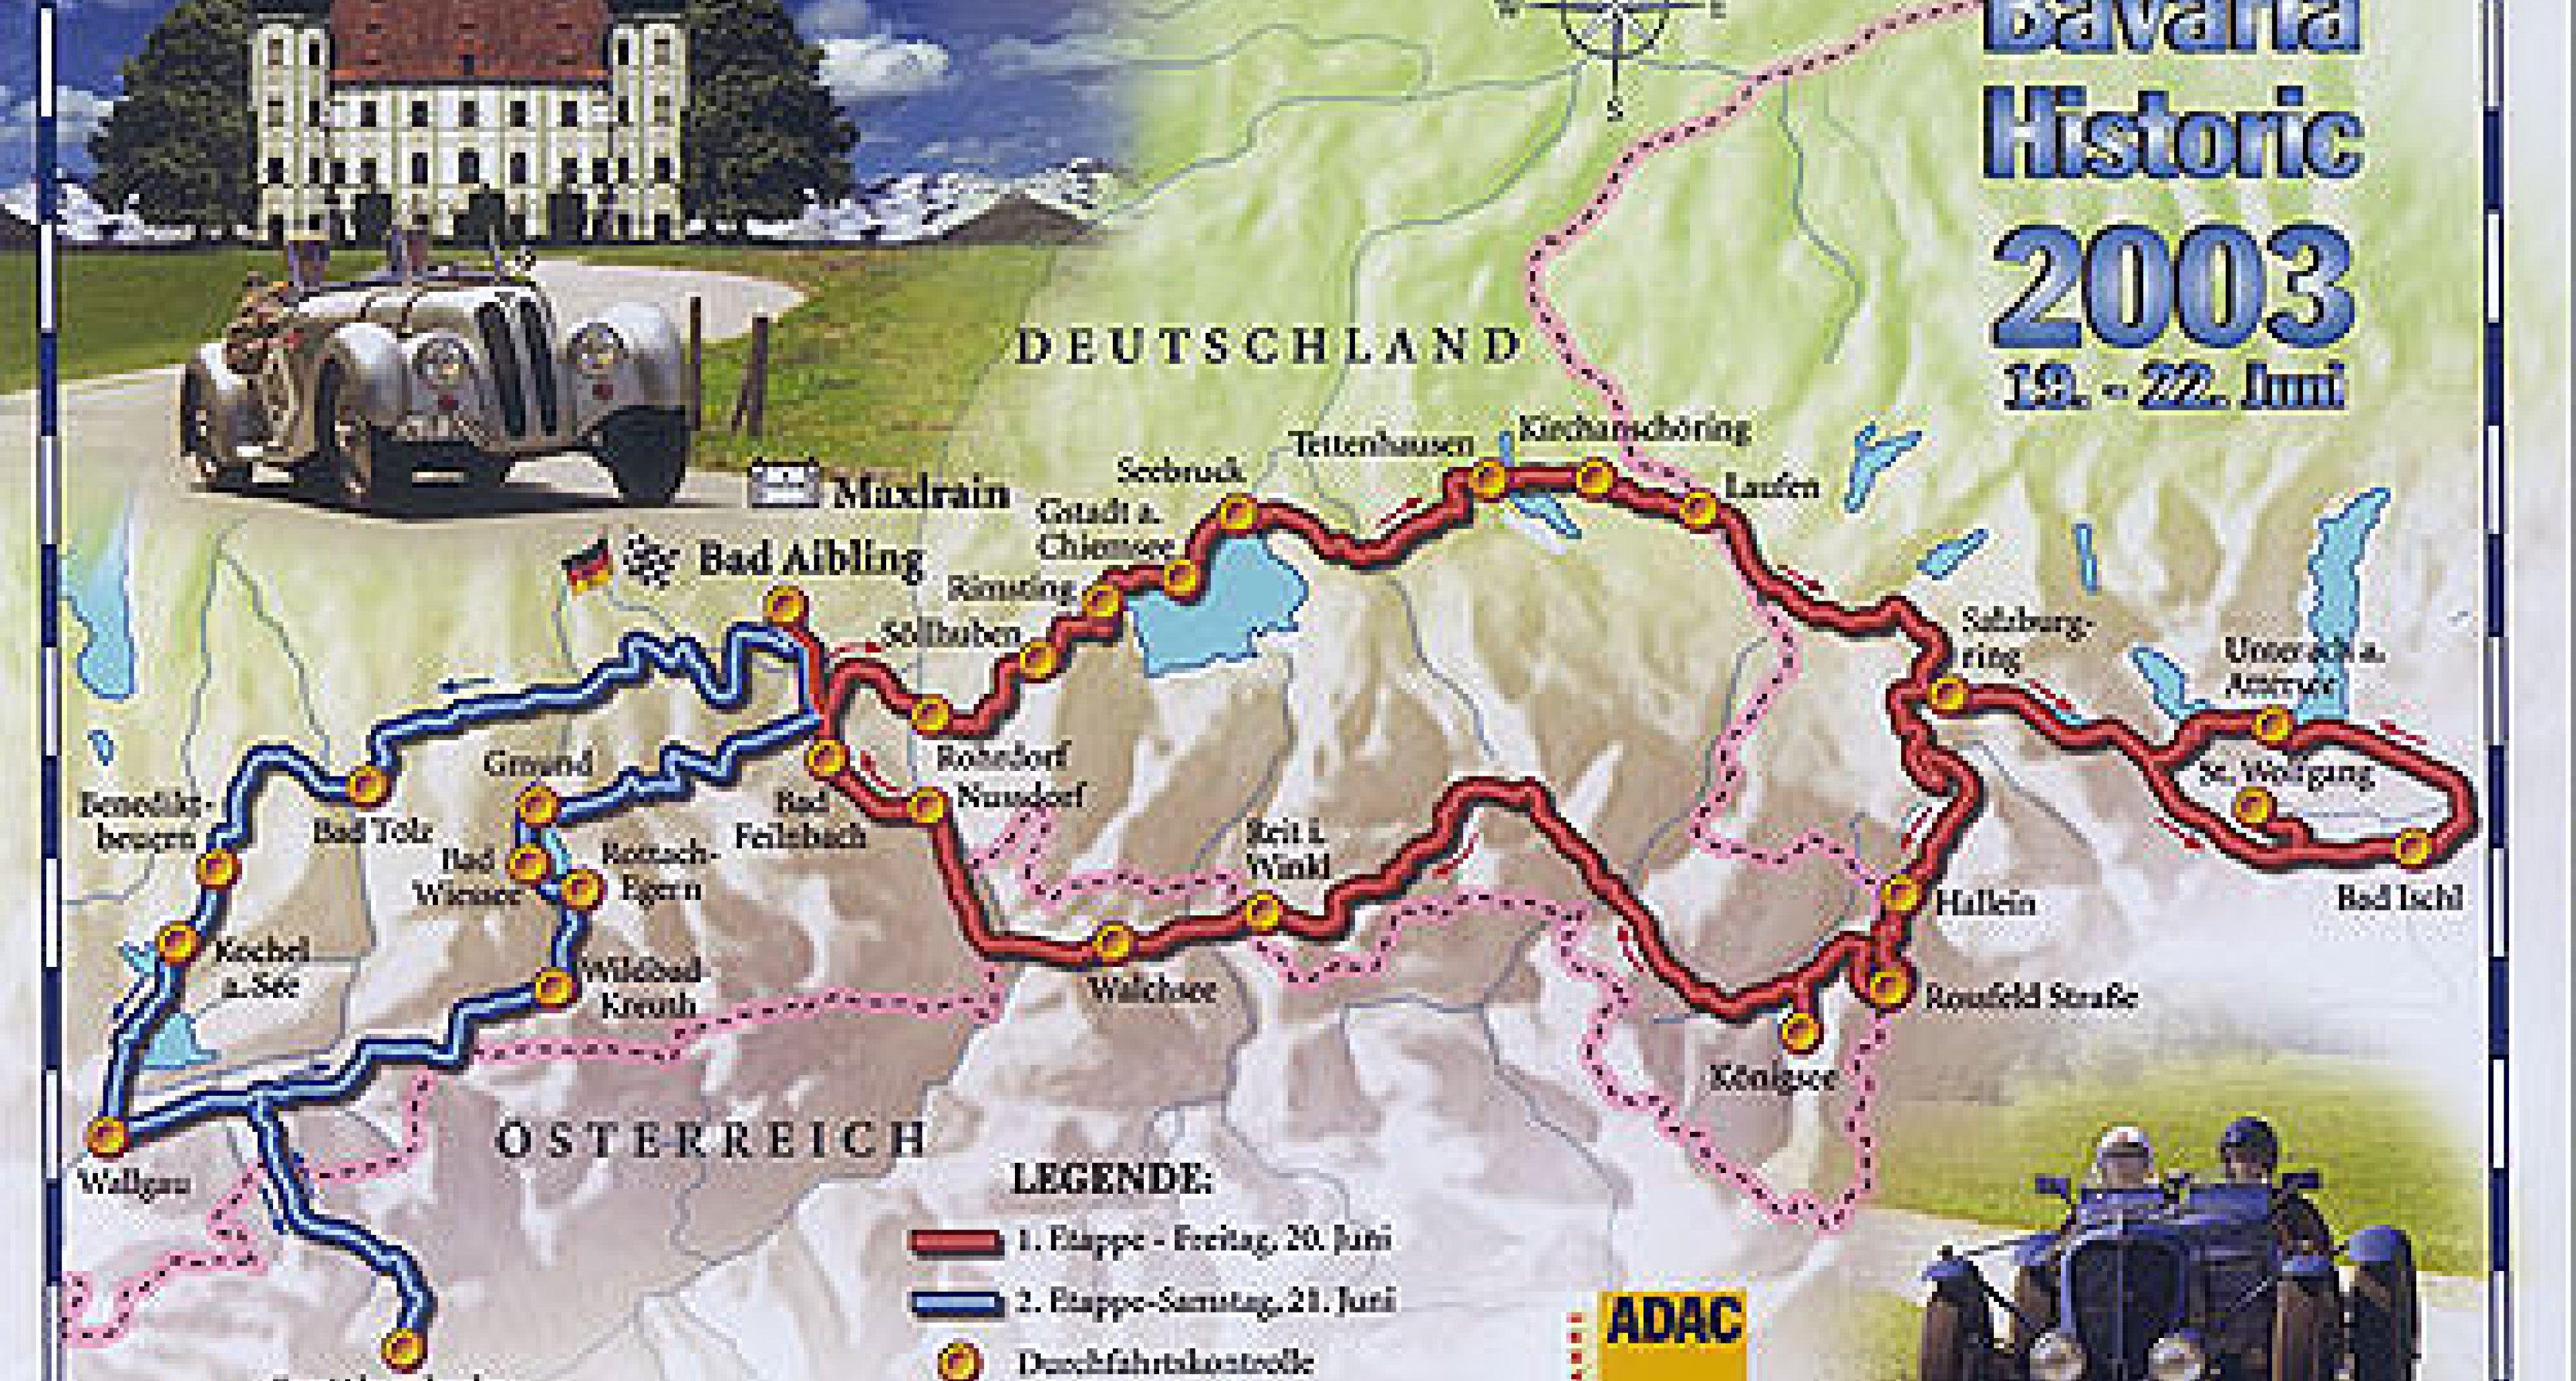 Bavaria Historic – die Bayerische Mille Miglia 2003